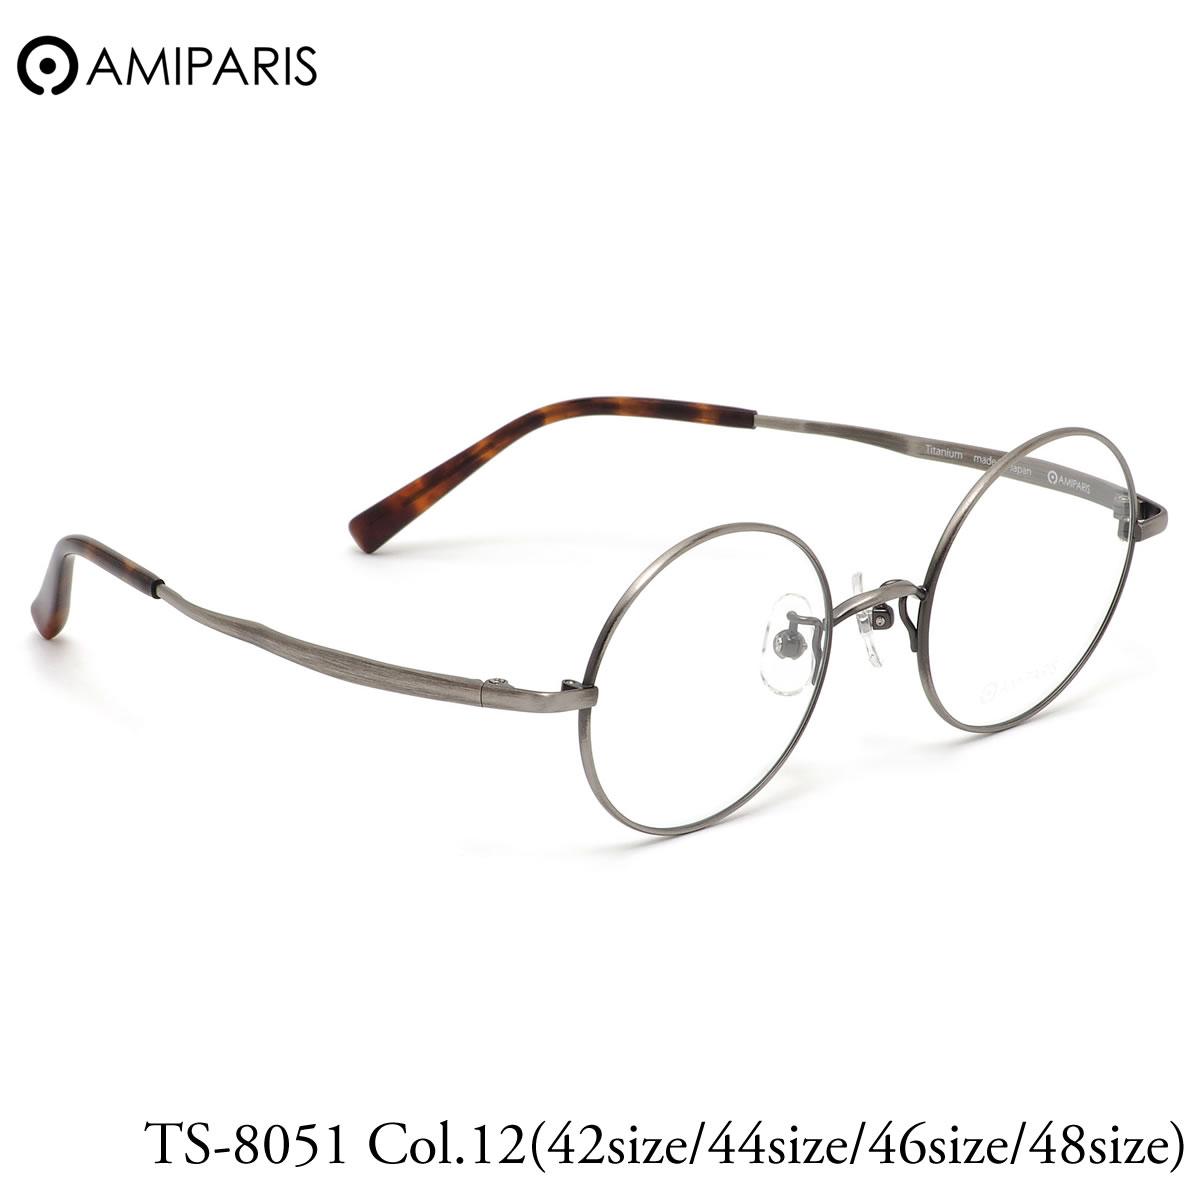 ほぼ全品ポイント15倍~最大34倍+2倍! 【アミパリ】 (AMIPARIS) メガネTS-8051 12 42/44/46/48サイズラウンド 丸メガネ チタン 日本製AMIPARIS 伊達メガネレンズ無料 メンズ レディース